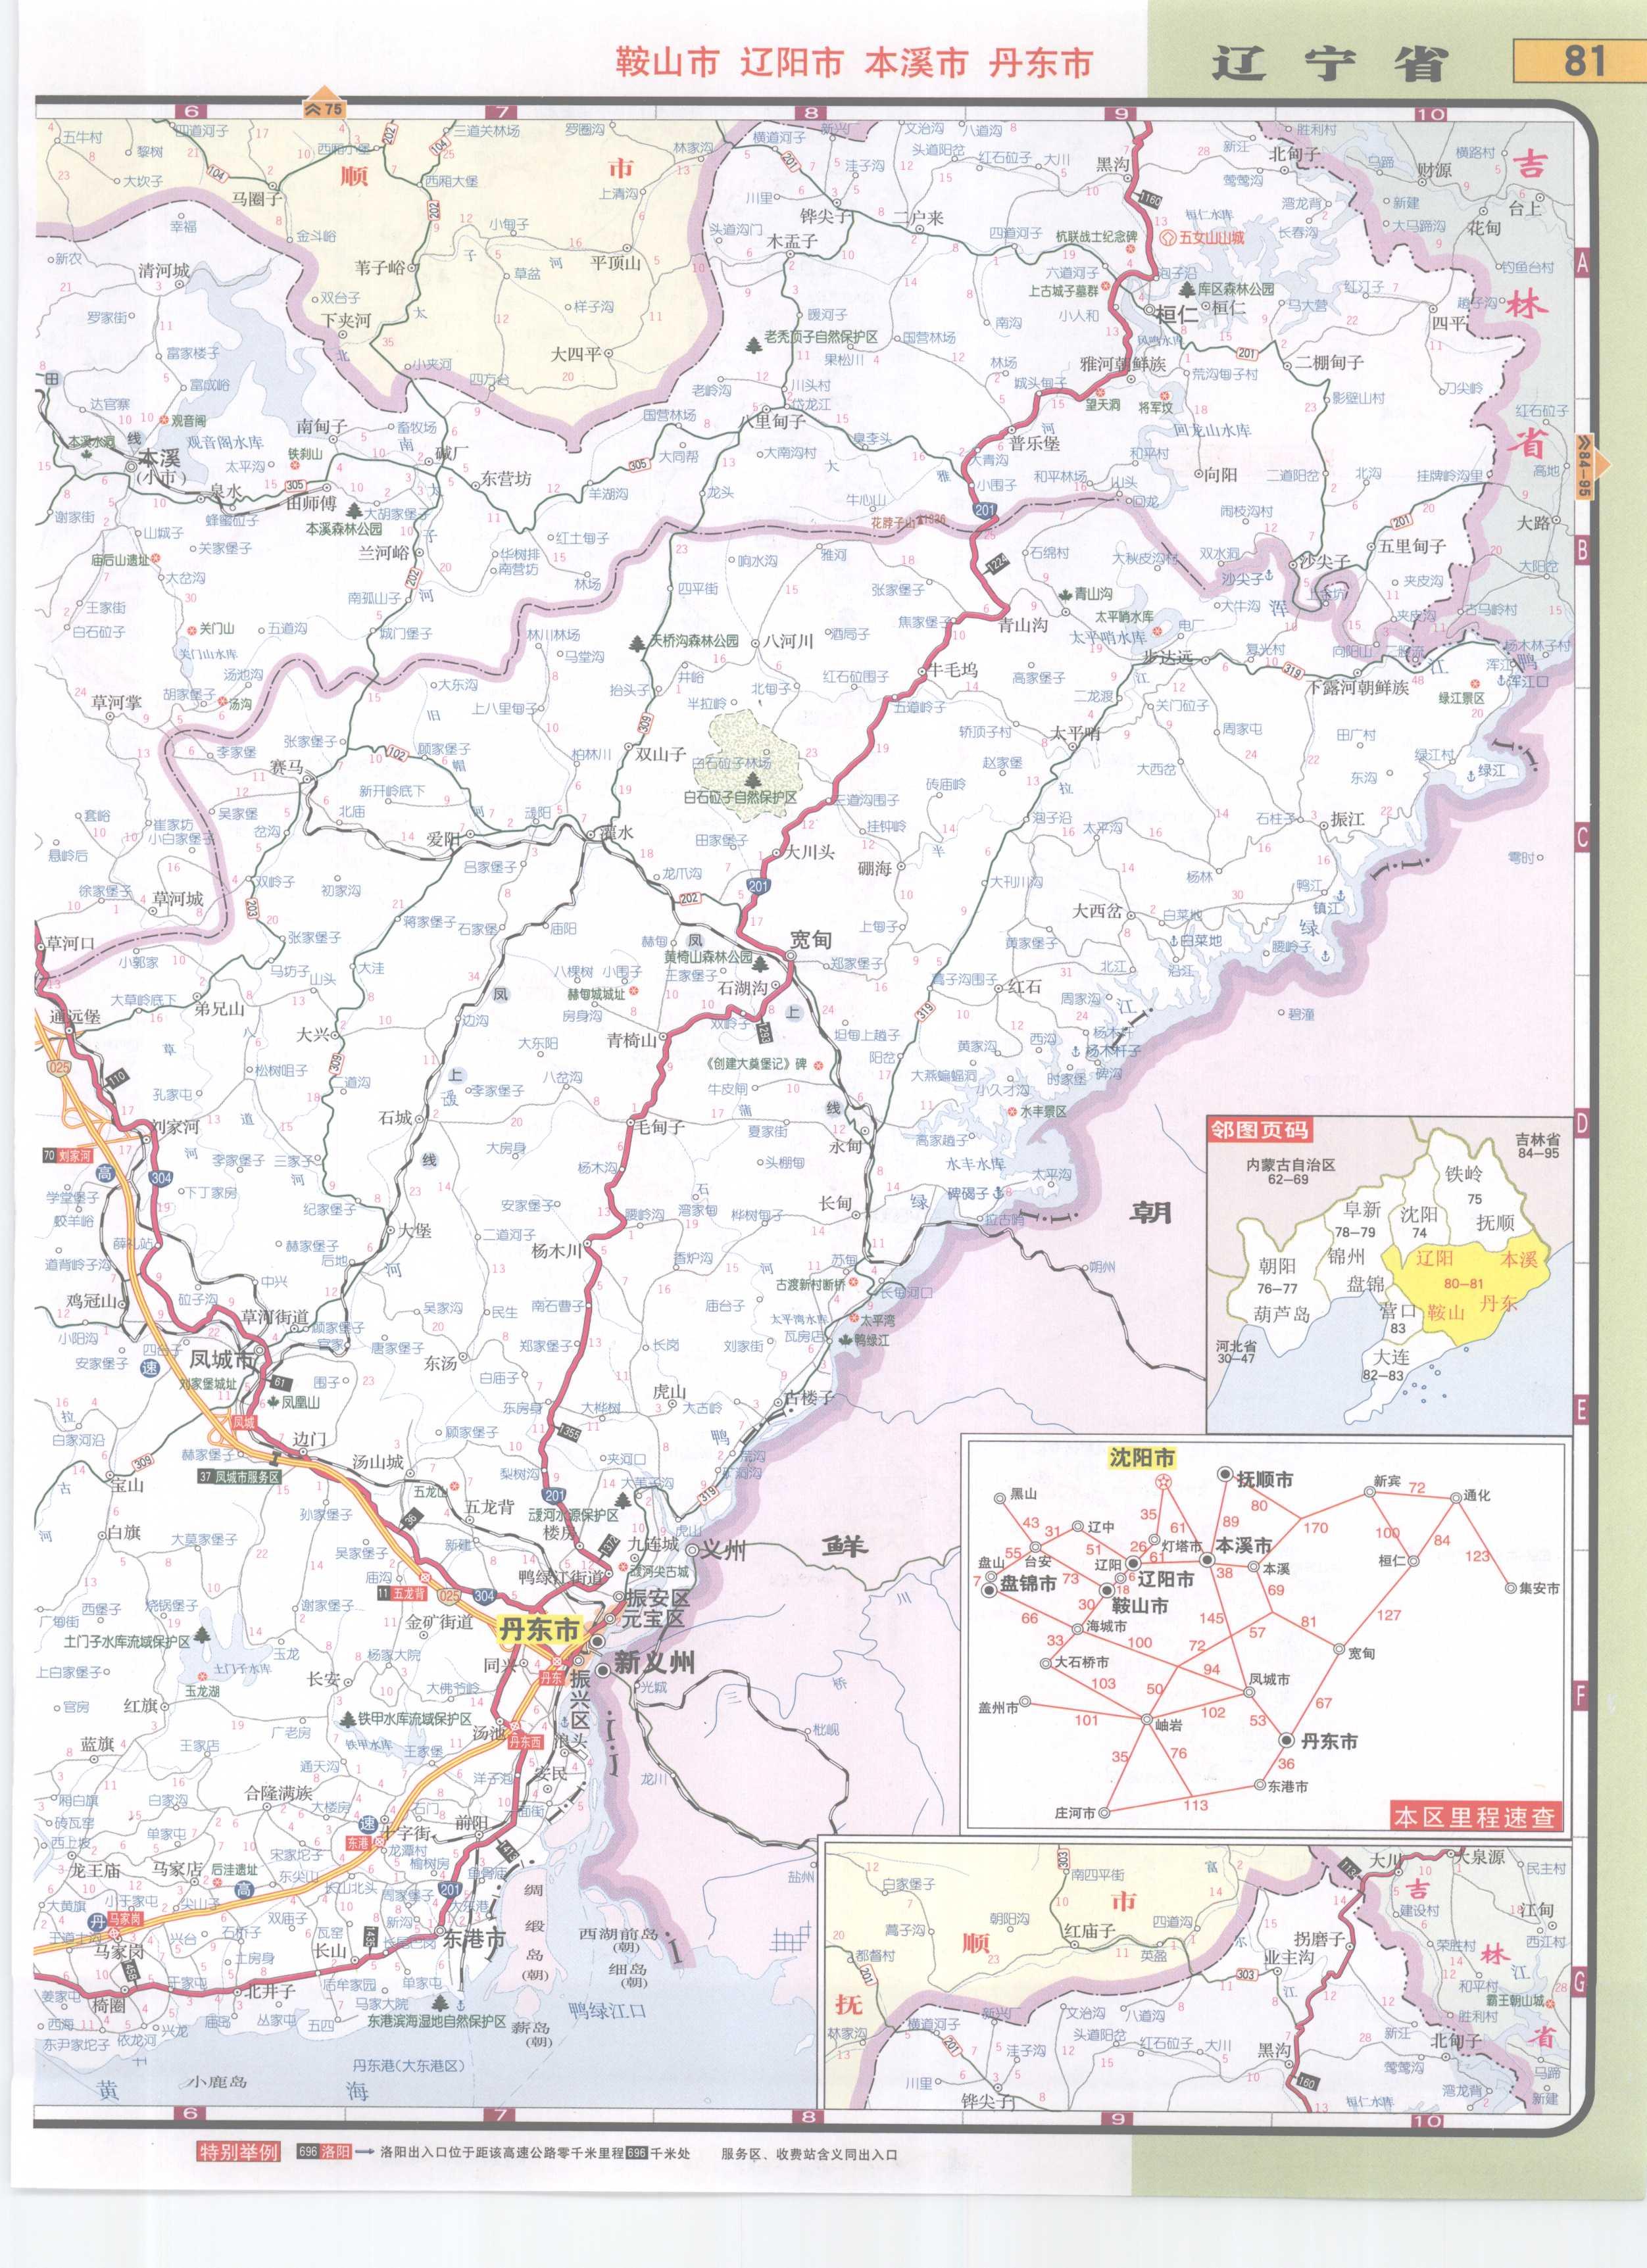 辽宁省鞍山市辽阳市本溪市丹东市高速公路网地图